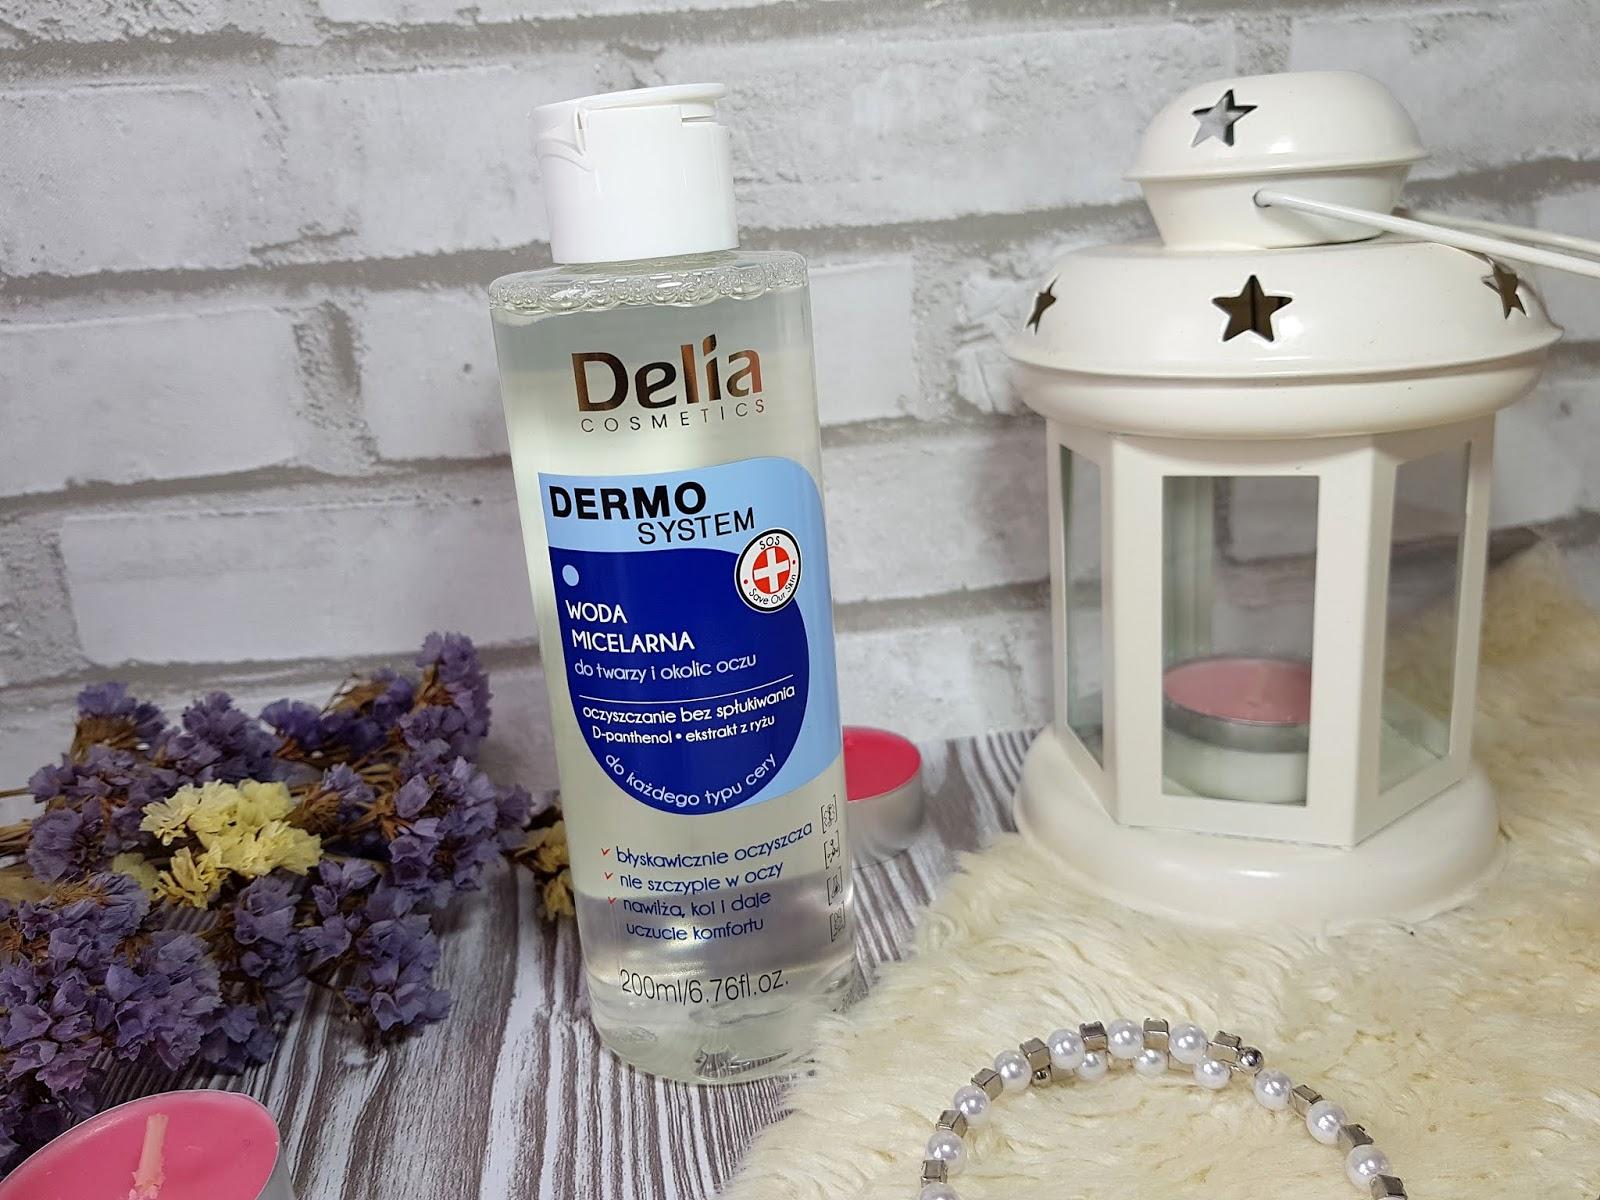 Woda micelarna Delia Dermo system